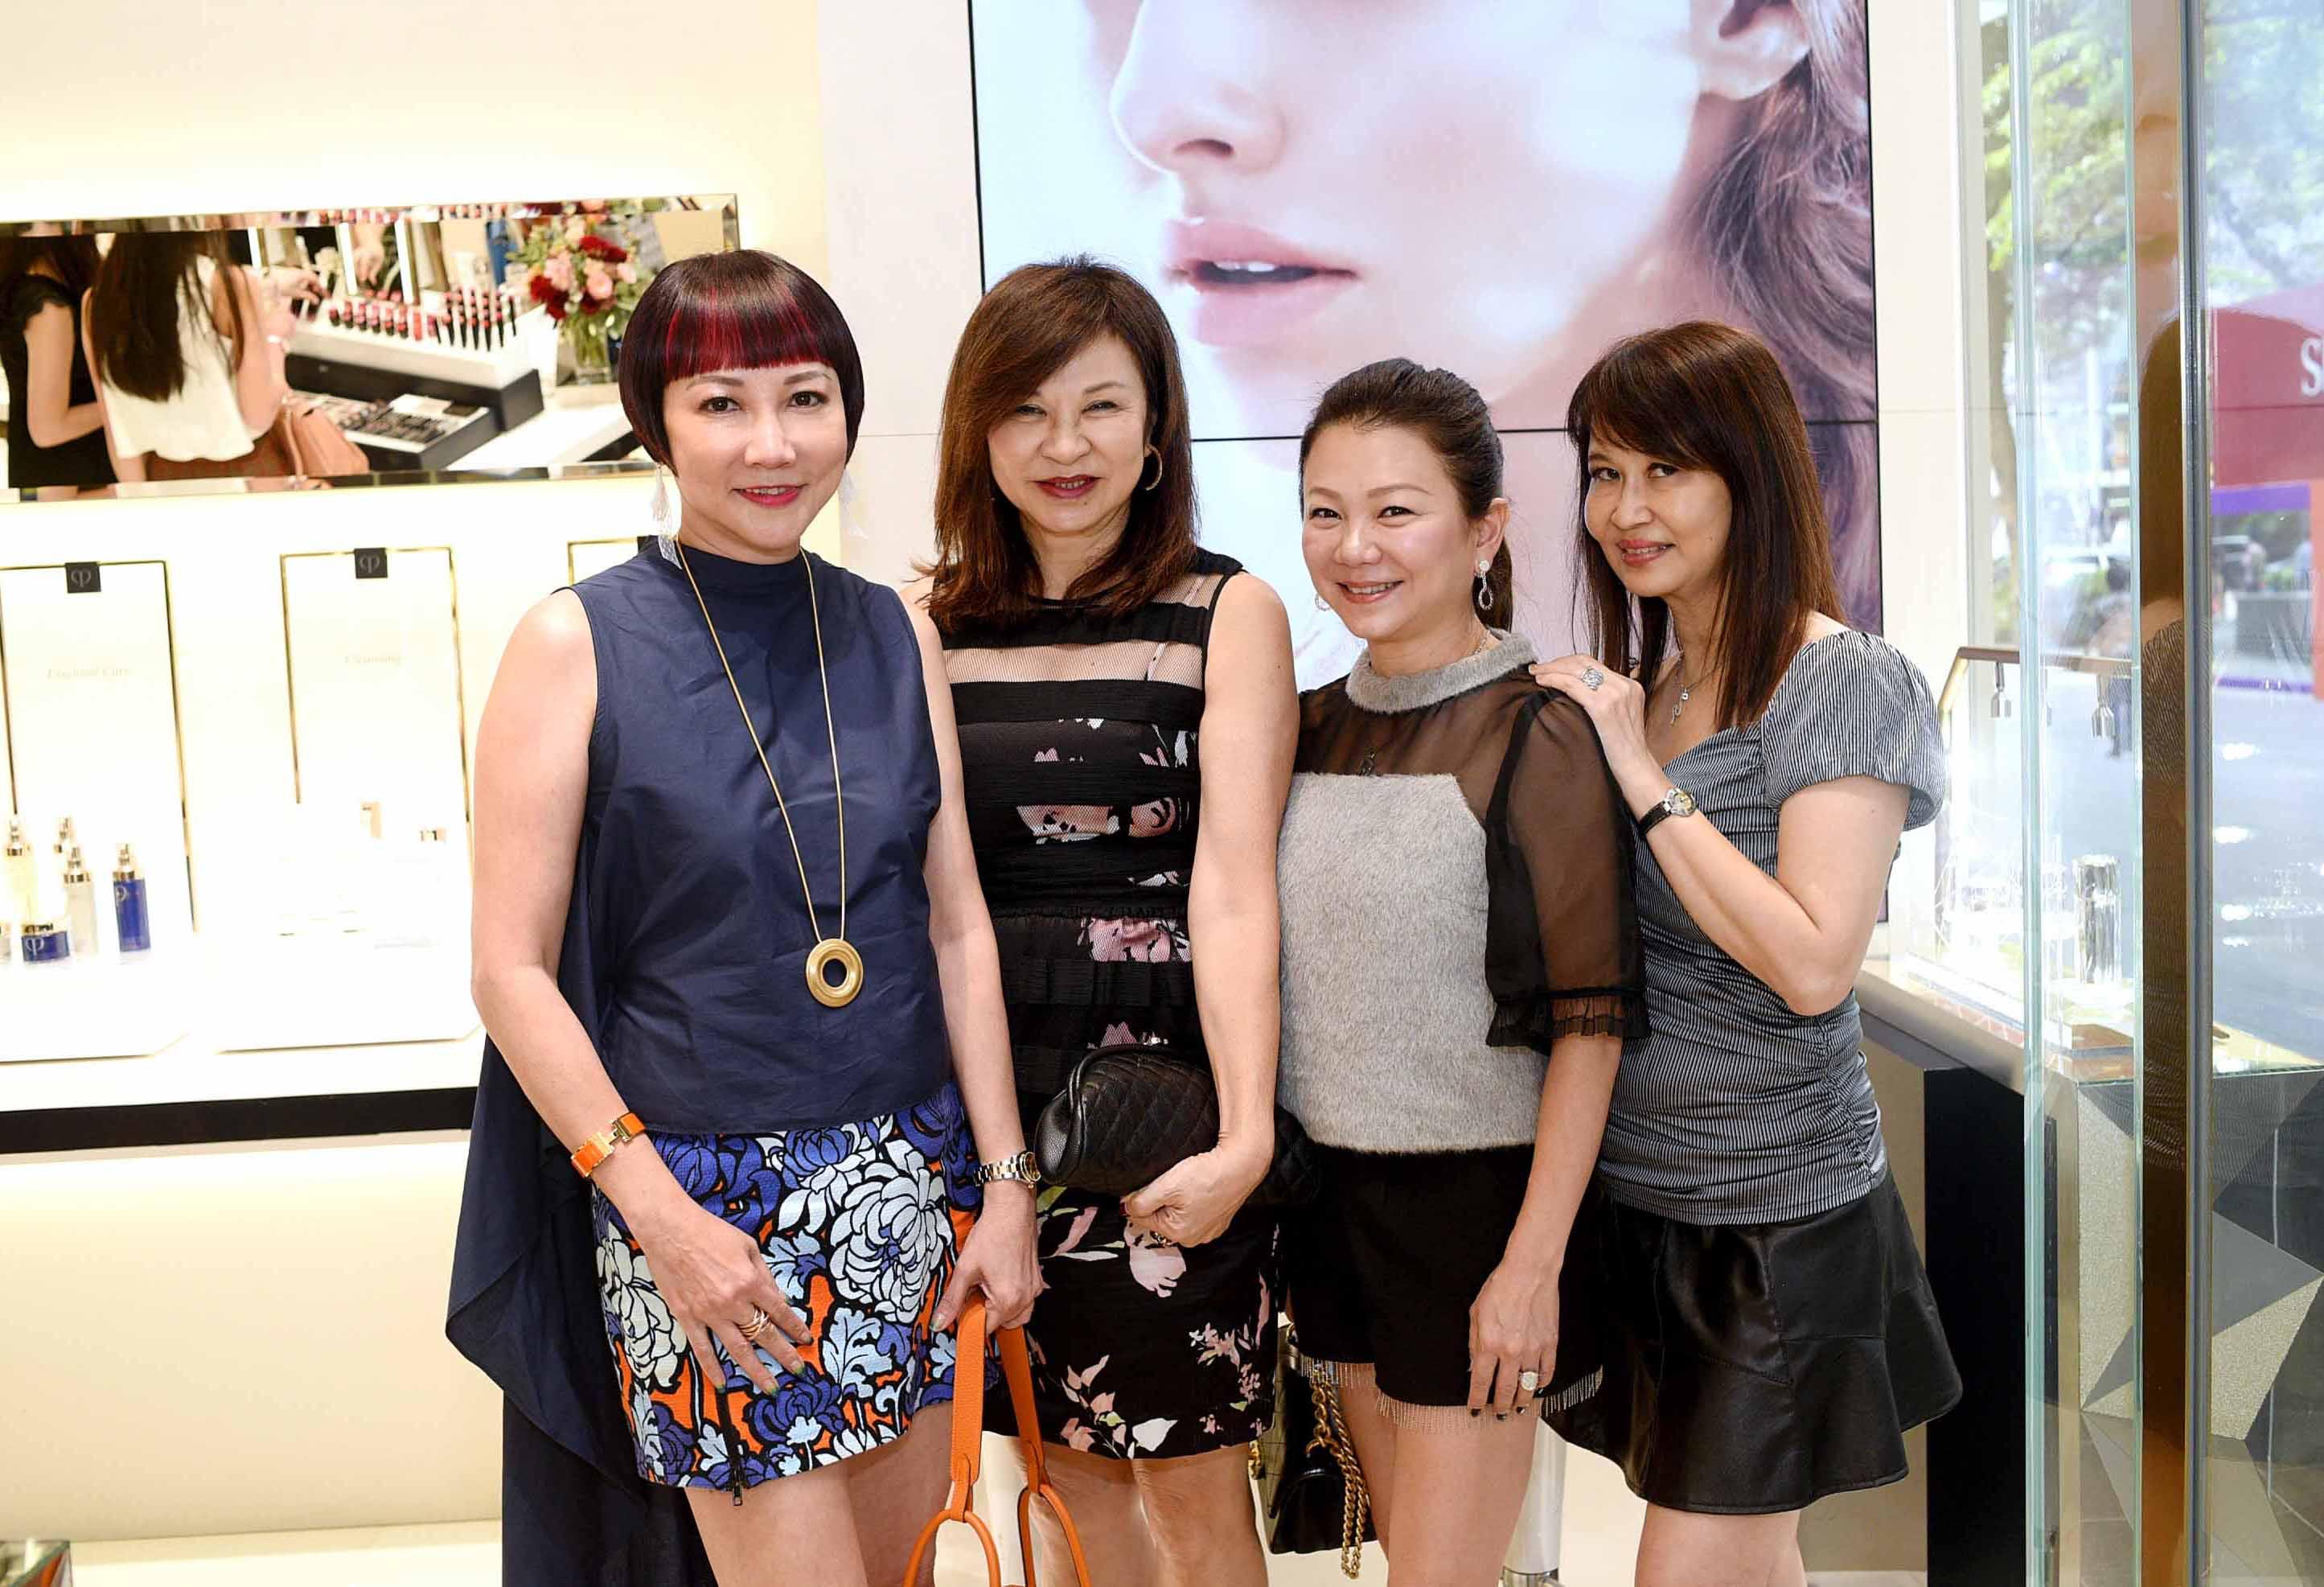 Frances Low, Violet Yeo, Angela Ng, Evelyn Sam